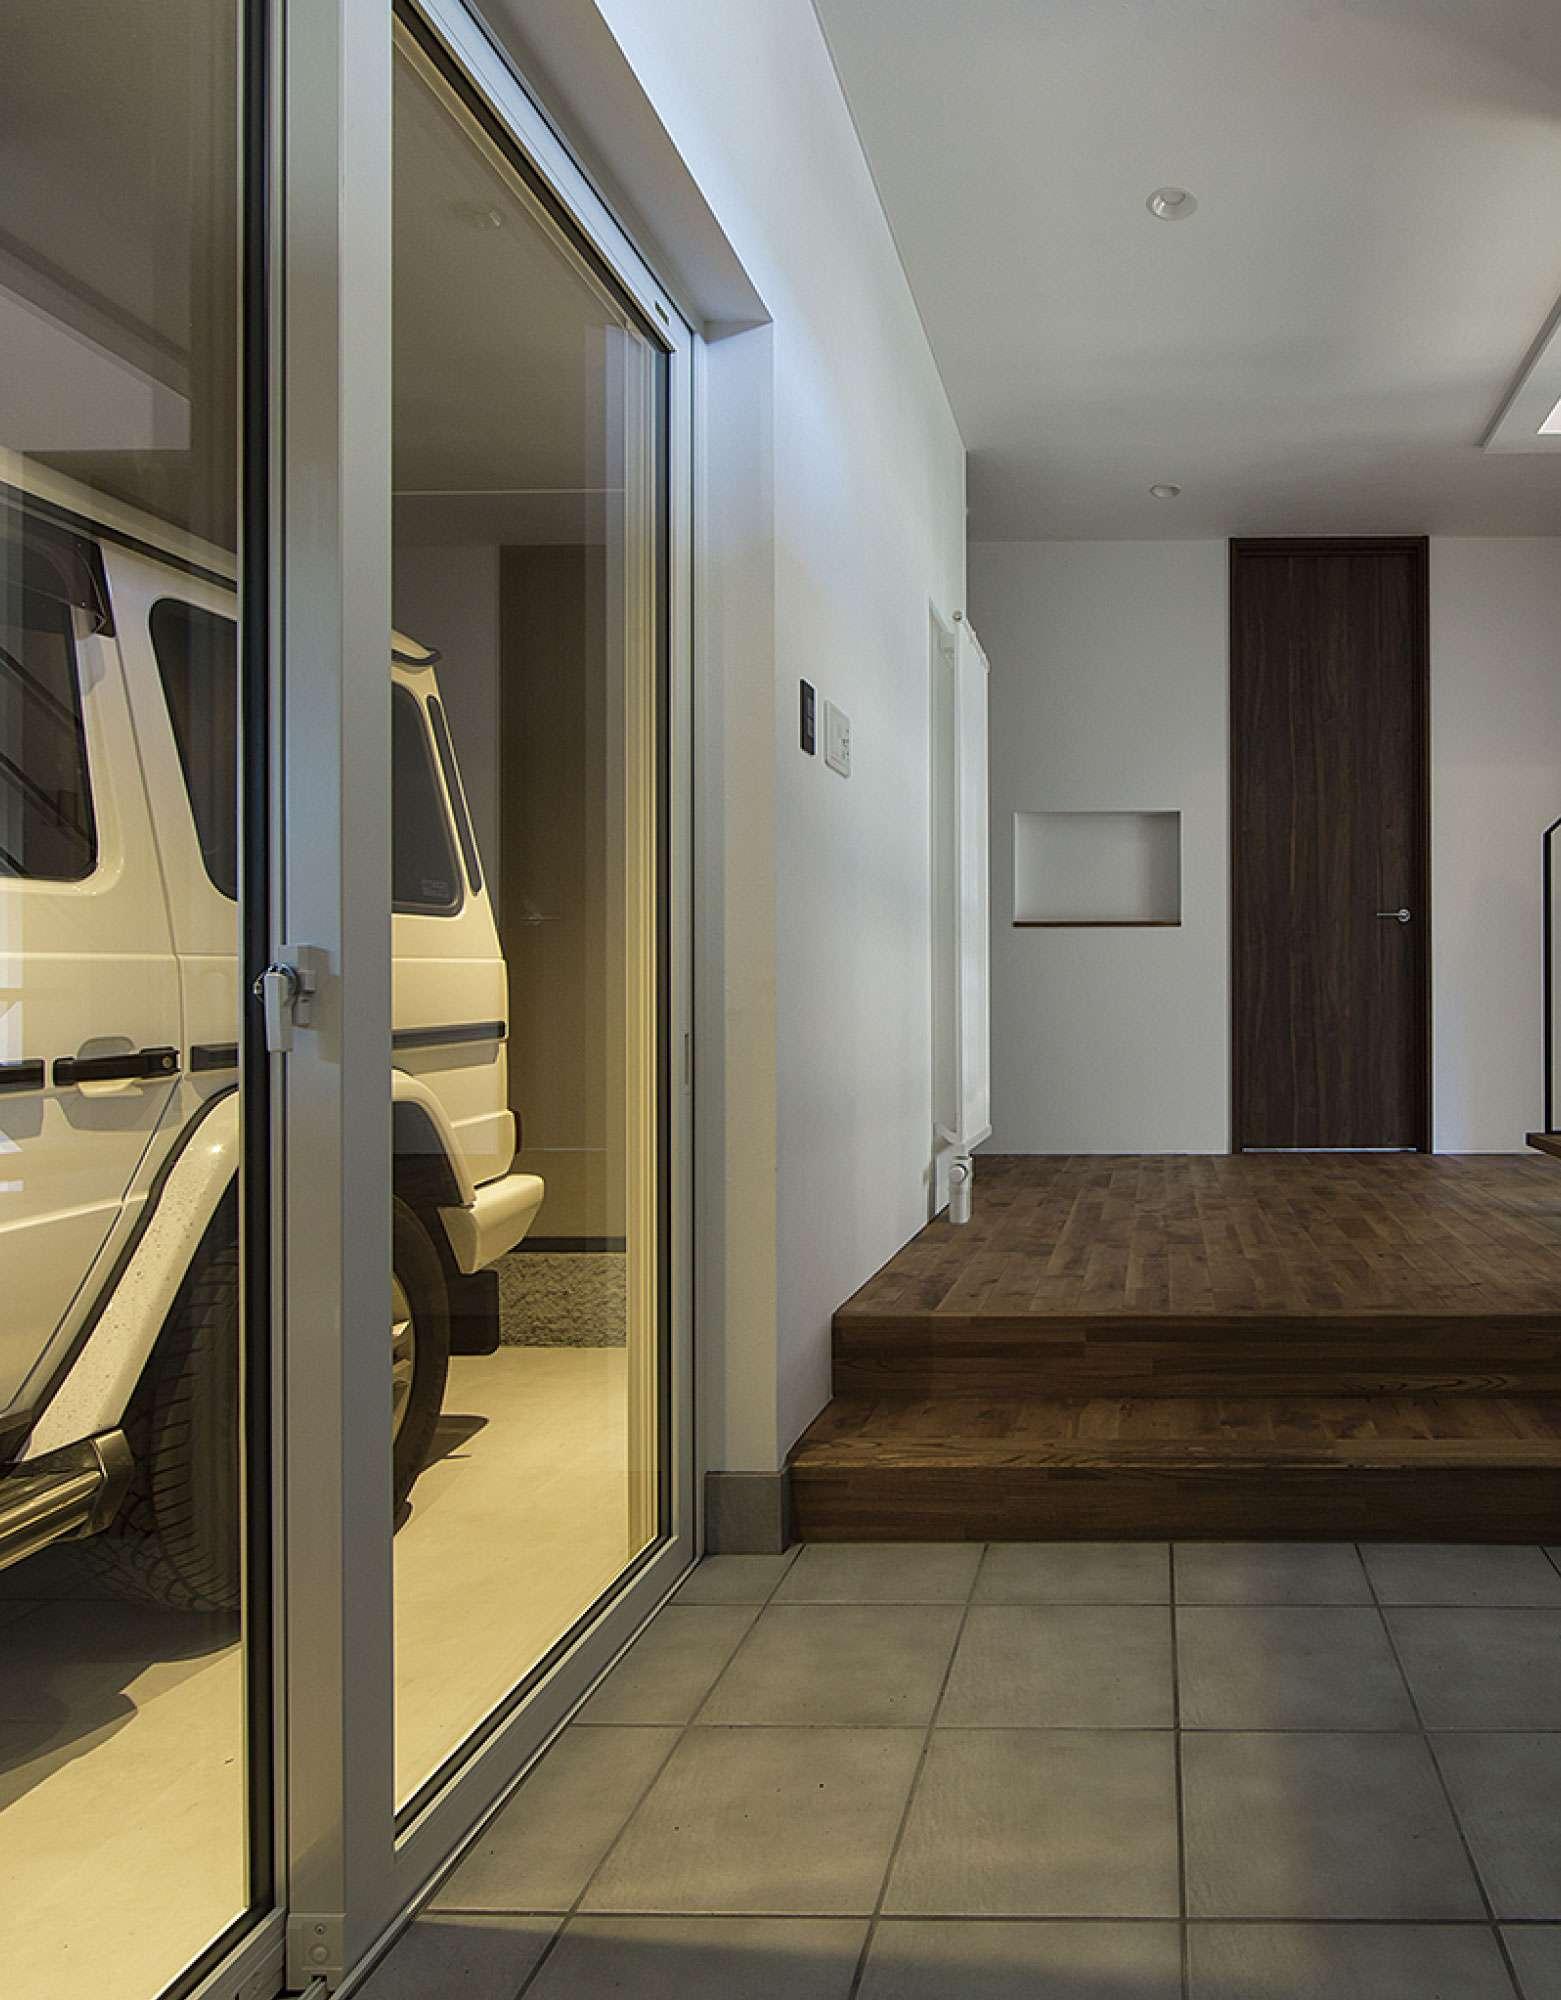 美しく、そして強い家にしたい。国内最高水準の断熱性能を標準に。 - 外張り断熱には熱伝導率0.022Wを誇る旭化成のネオマフォームを採用。内断熱が室内の冷暖房エネルギーを逃がさず、さらに基礎断熱で床のぬくもりをキープ。窓はトリプルサッシ、外壁はガルバリウム鋼板が標準仕様。過ごしやすく快適な夏の暮らし、冬は雪国の美しさだけを感じられる、暖かでリゾートのような暮らしをお届けします。 -  -